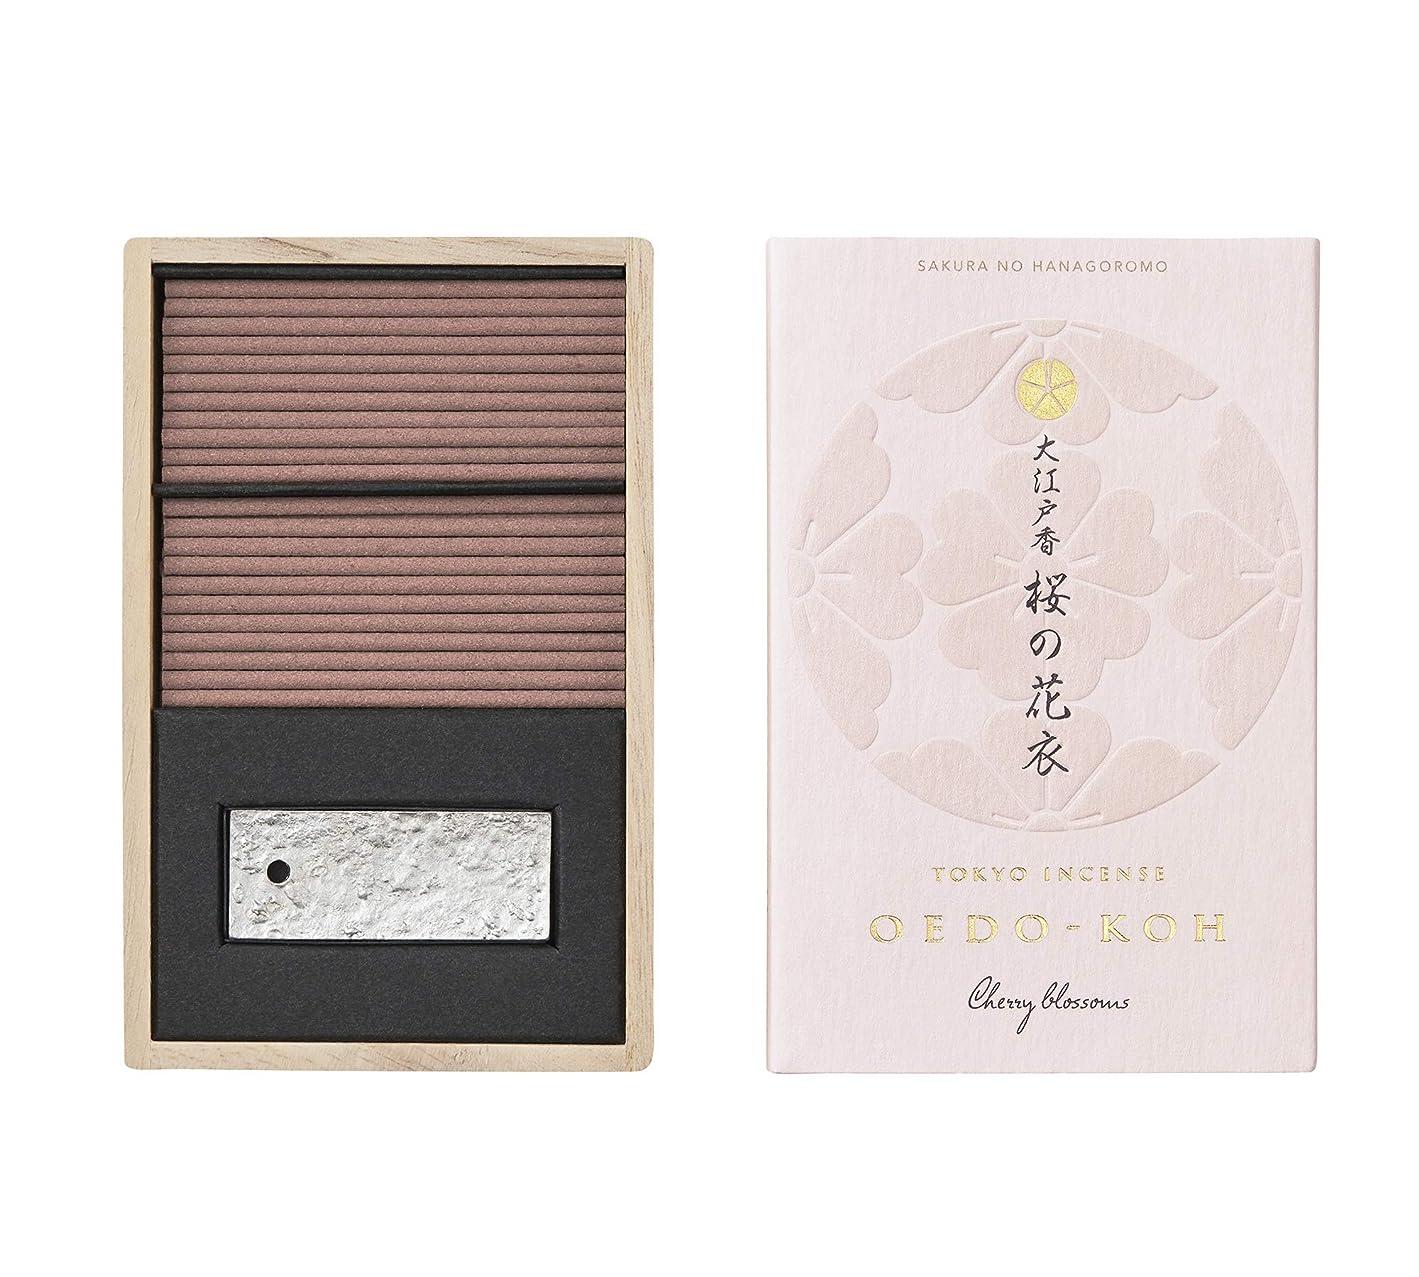 識字バンド投資する日本香堂 大江戸香 桜の花衣(さくらのはなごろも) スティック60本入 香立付